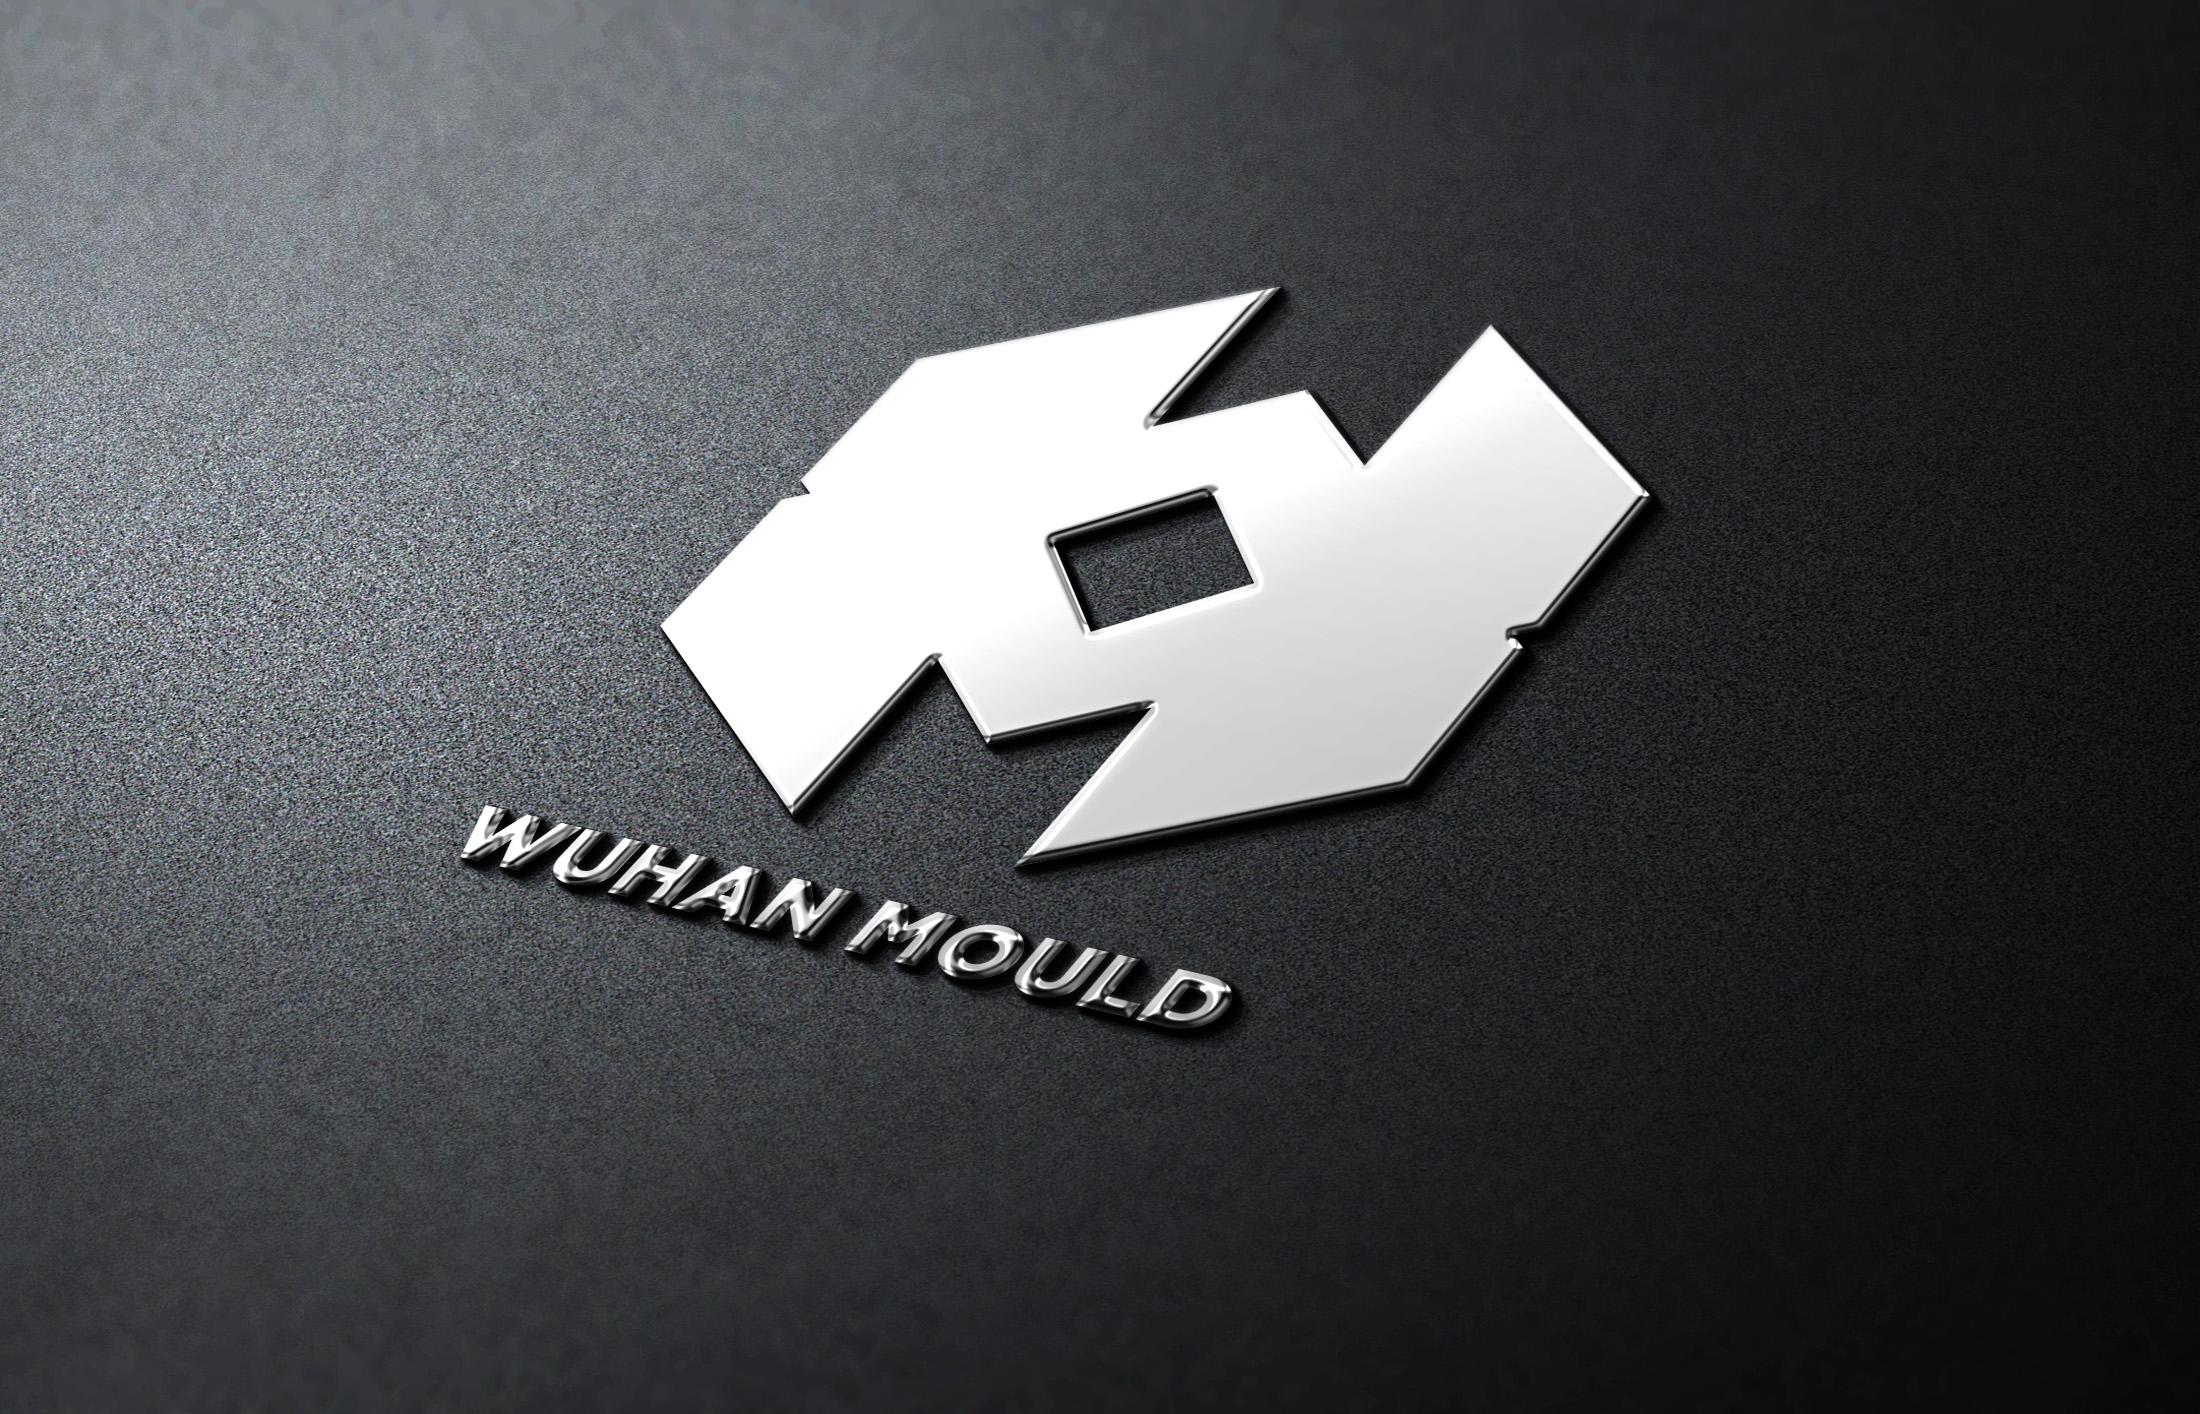 Создать логотип для фабрики пресс-форм фото f_3755989d1ca27d24.jpg